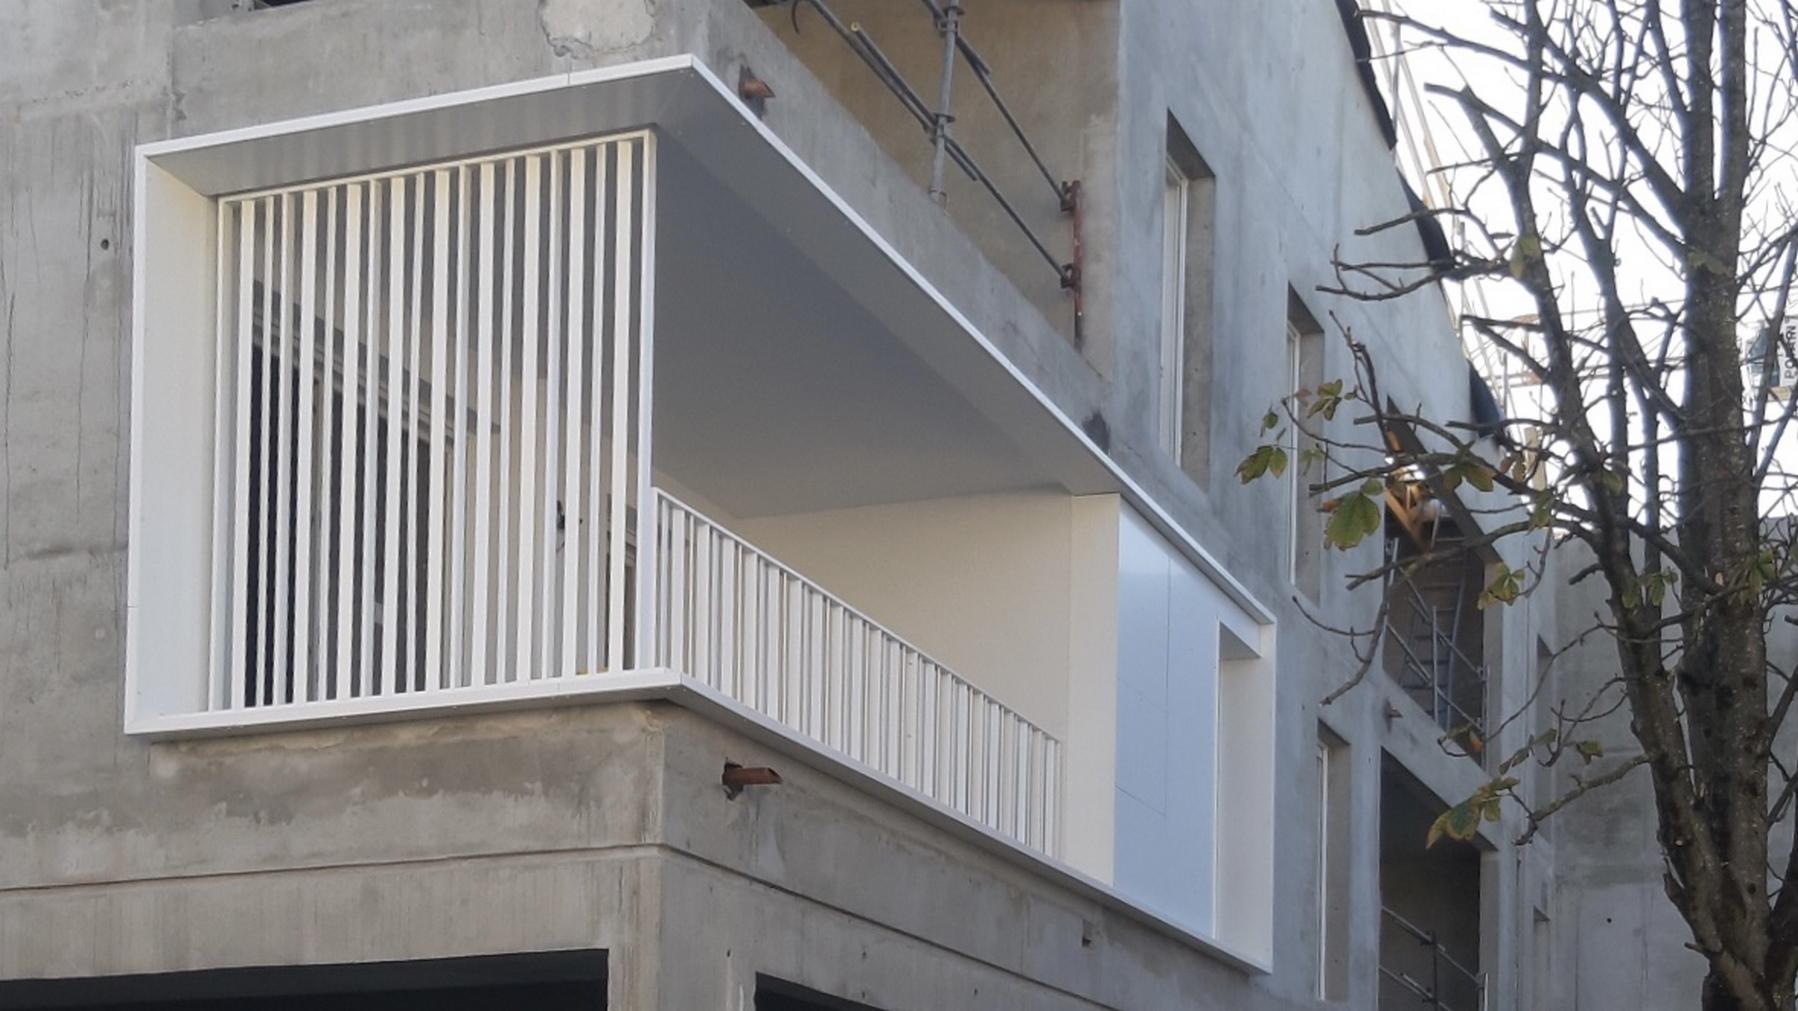 Les Marronniers - logements - La Verpillière - Z Architecture - chantier - prototype